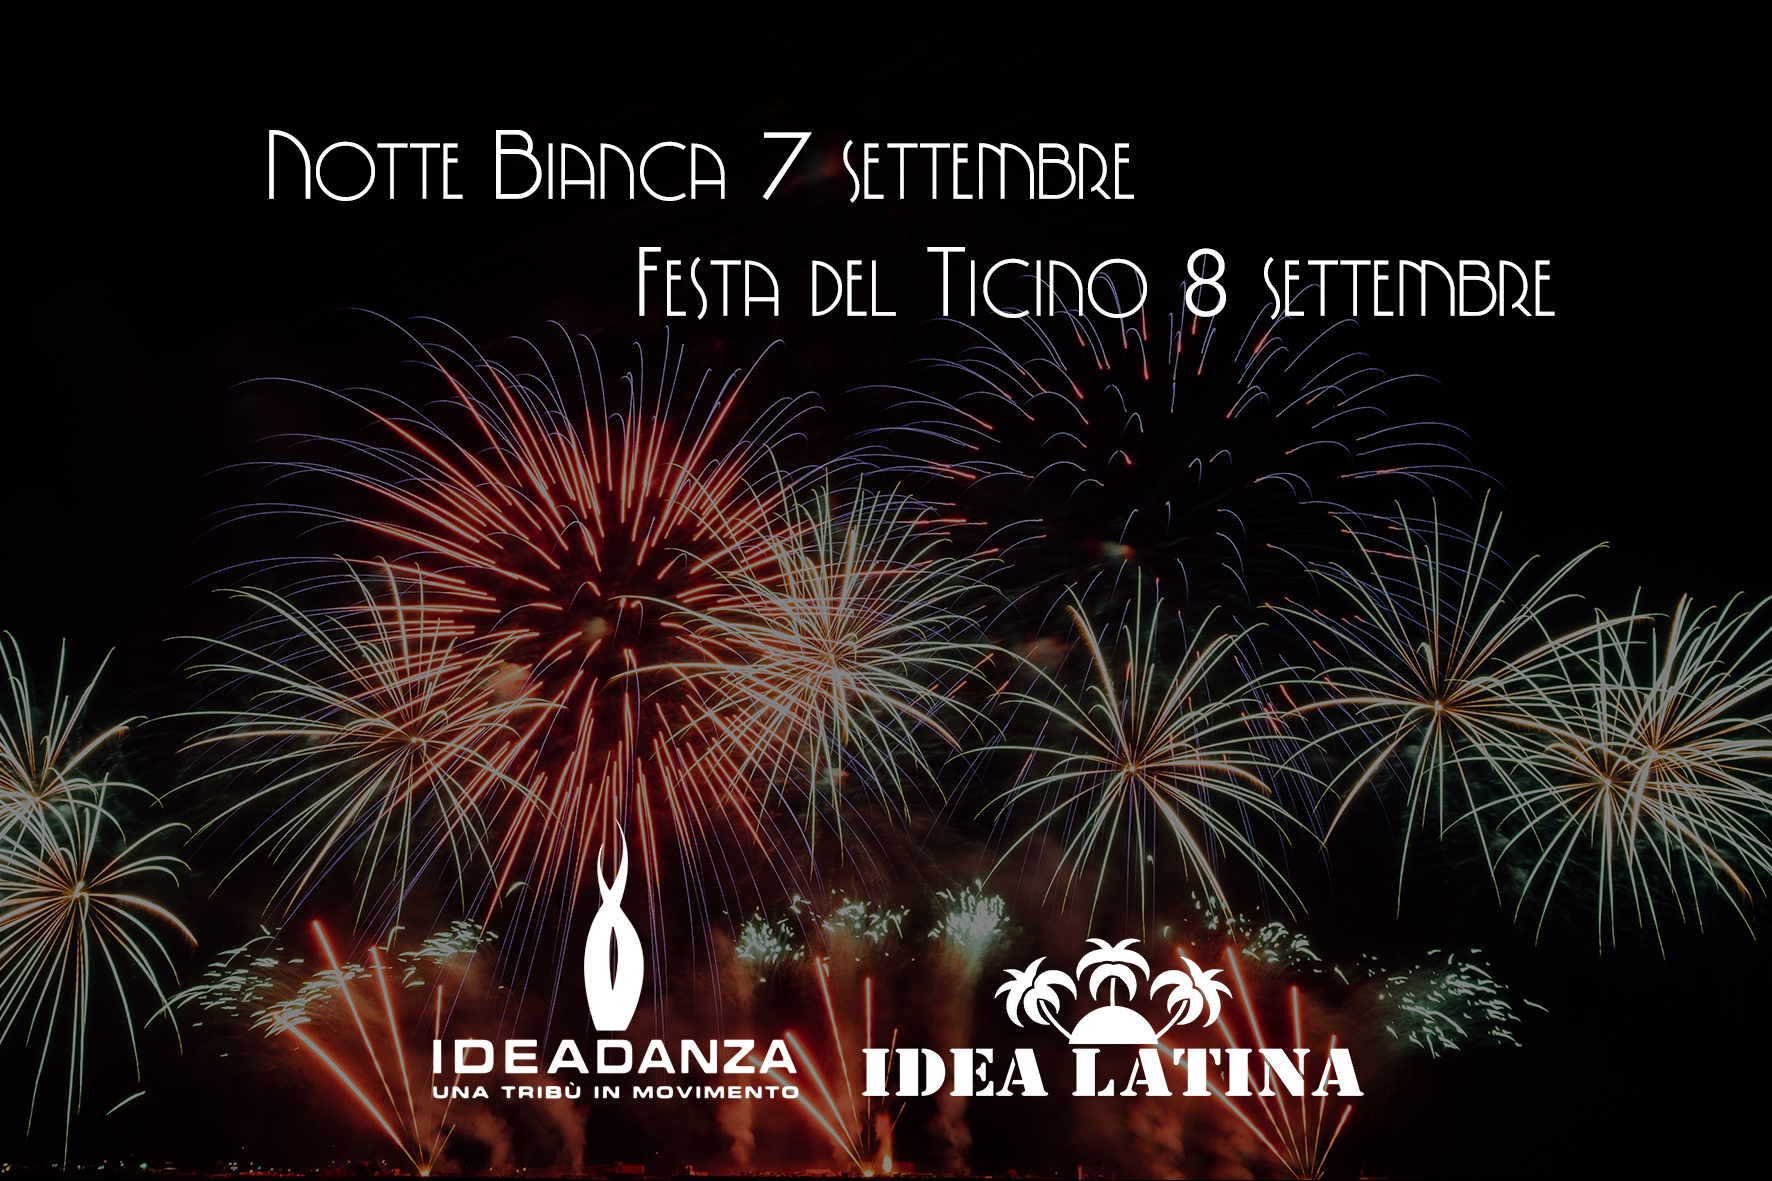 Notte bianca Festa Ticino